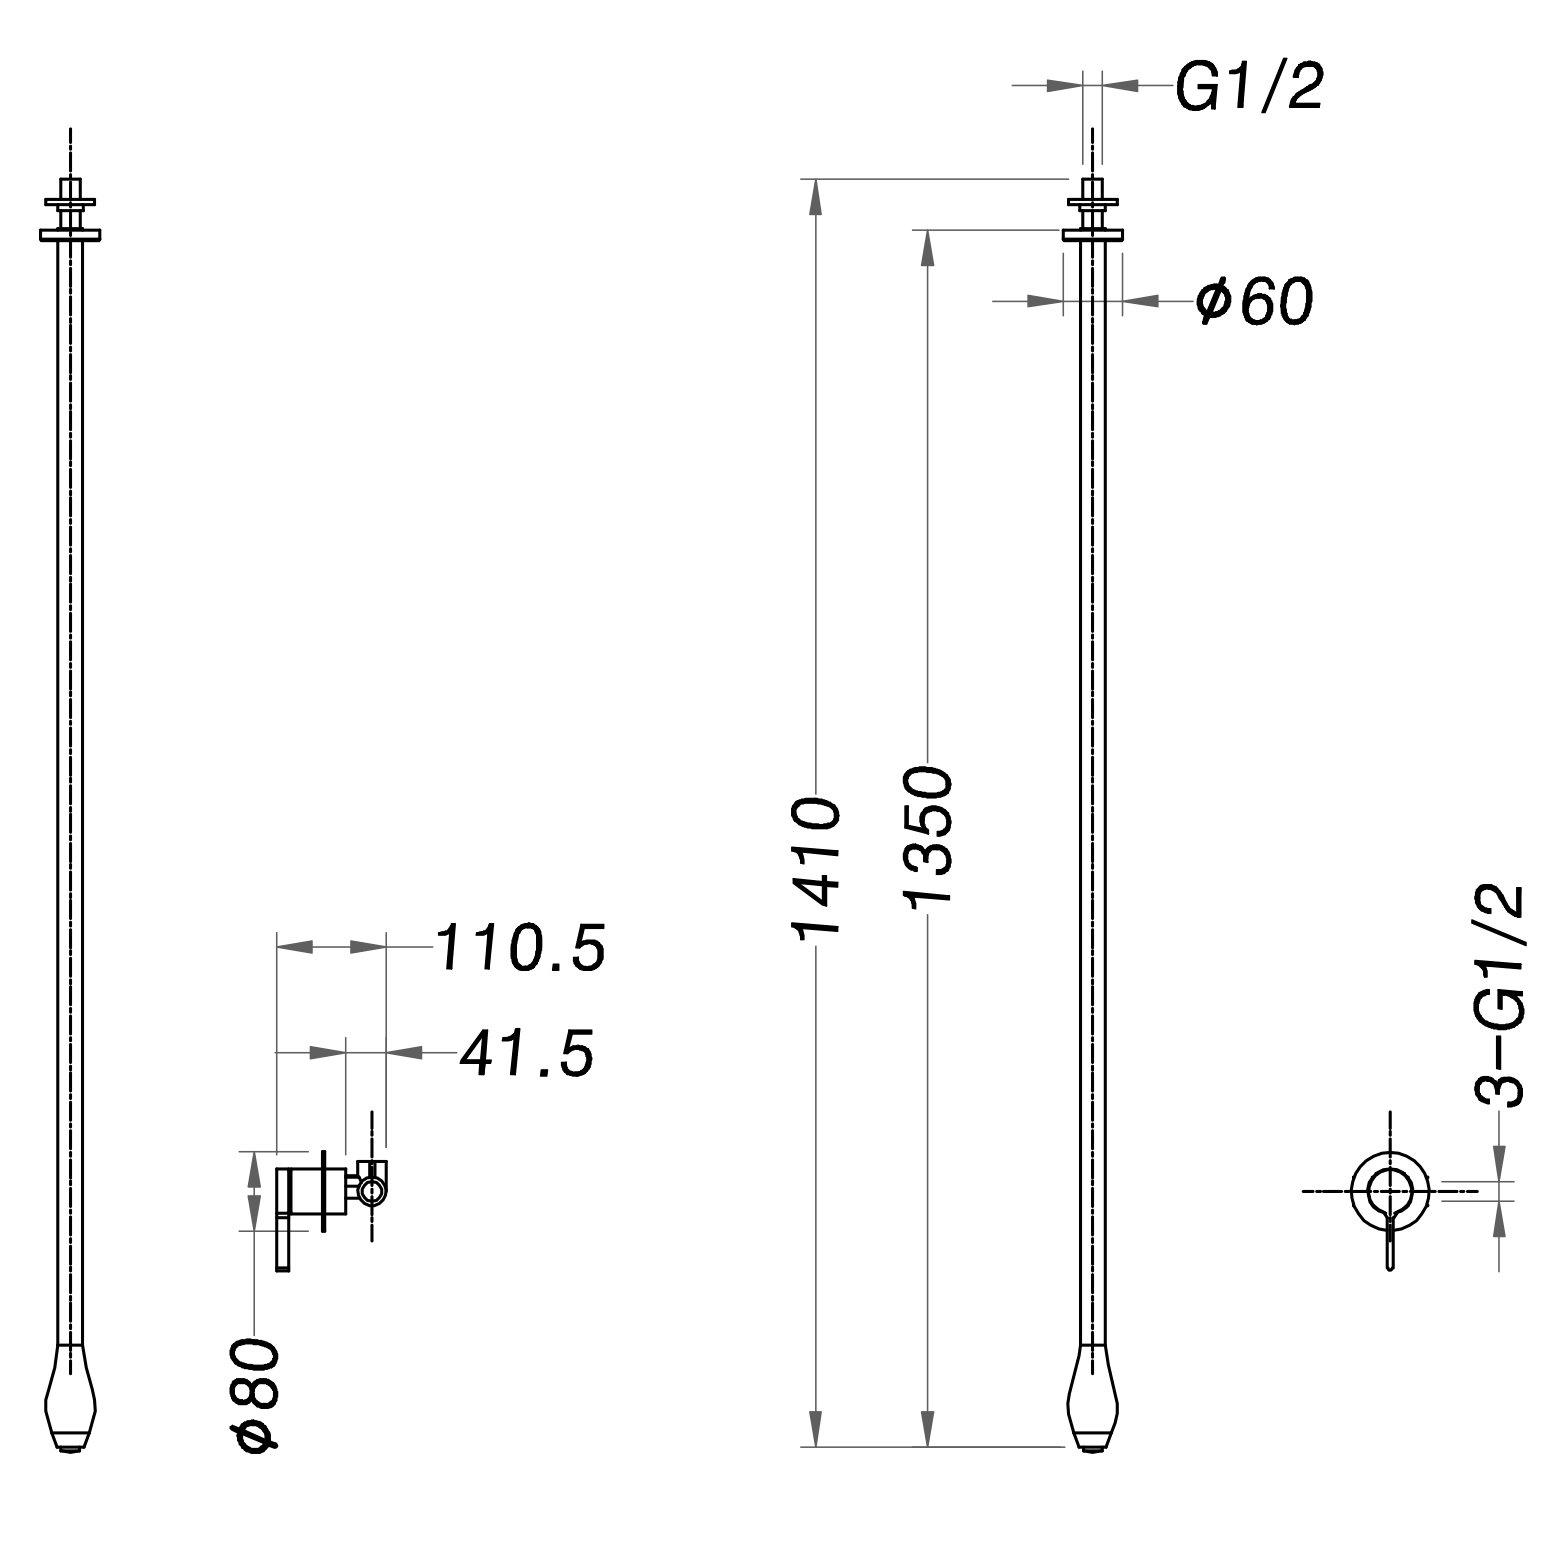 Waschtisch Deckenarmatur DROP 135 mit Eingriffmischer - Länge 135 cm - Farbe Chrom & Schwarz matt wählbar zoom thumbnail 5